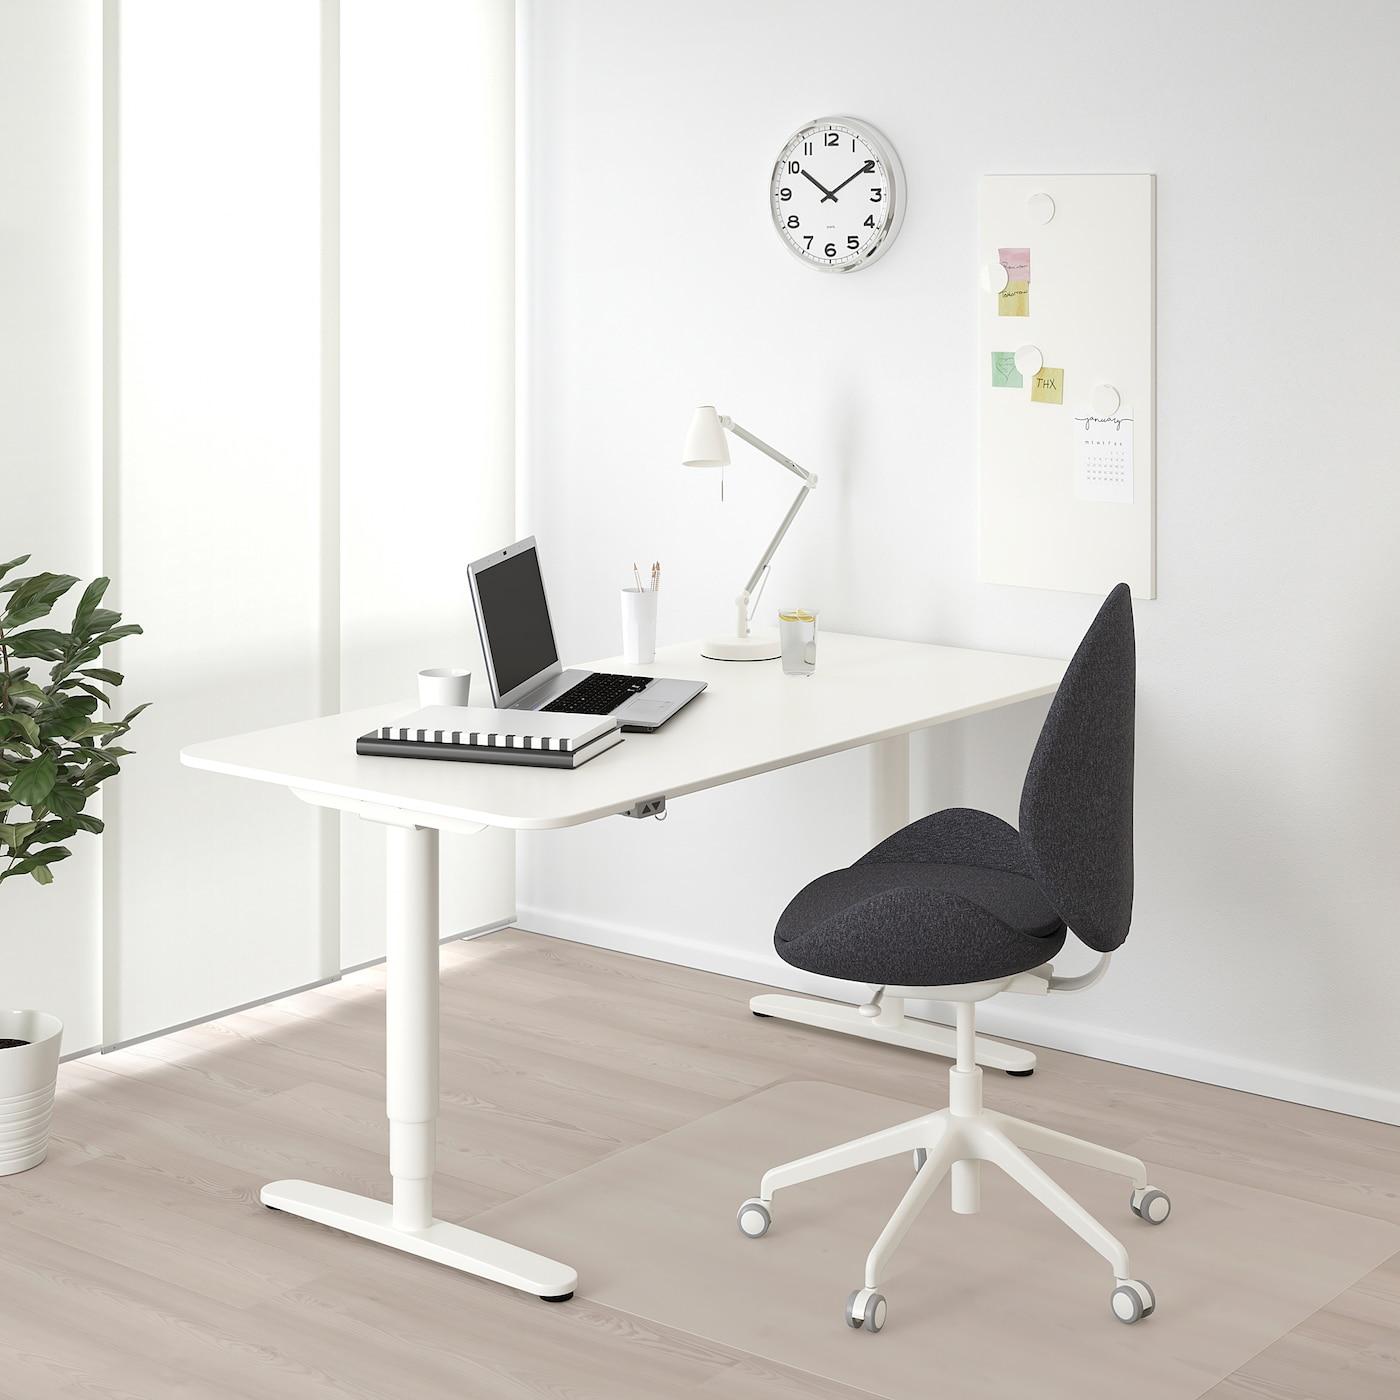 Couleur Peinture Pour Bureau Professionnel bekant bureau assis/debout - blanc 160x80 cm